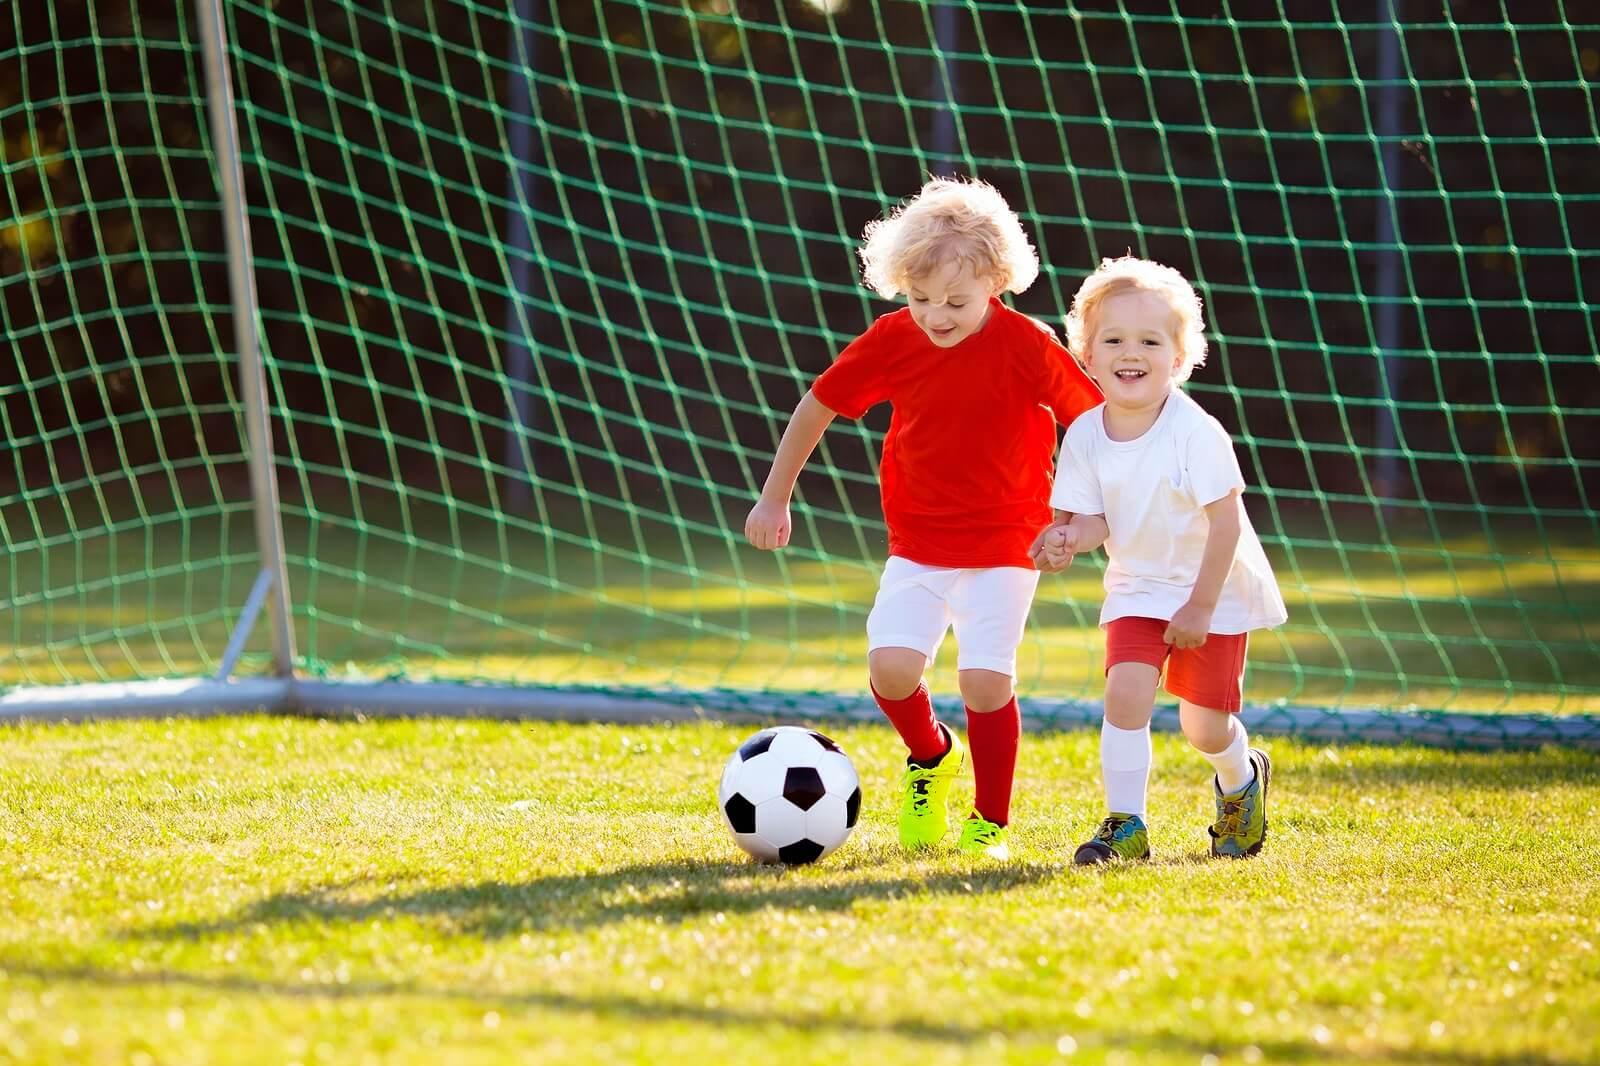 Niños felices jugando al fútbol porque sus padres tienen un papel importante en el deporte infantil.